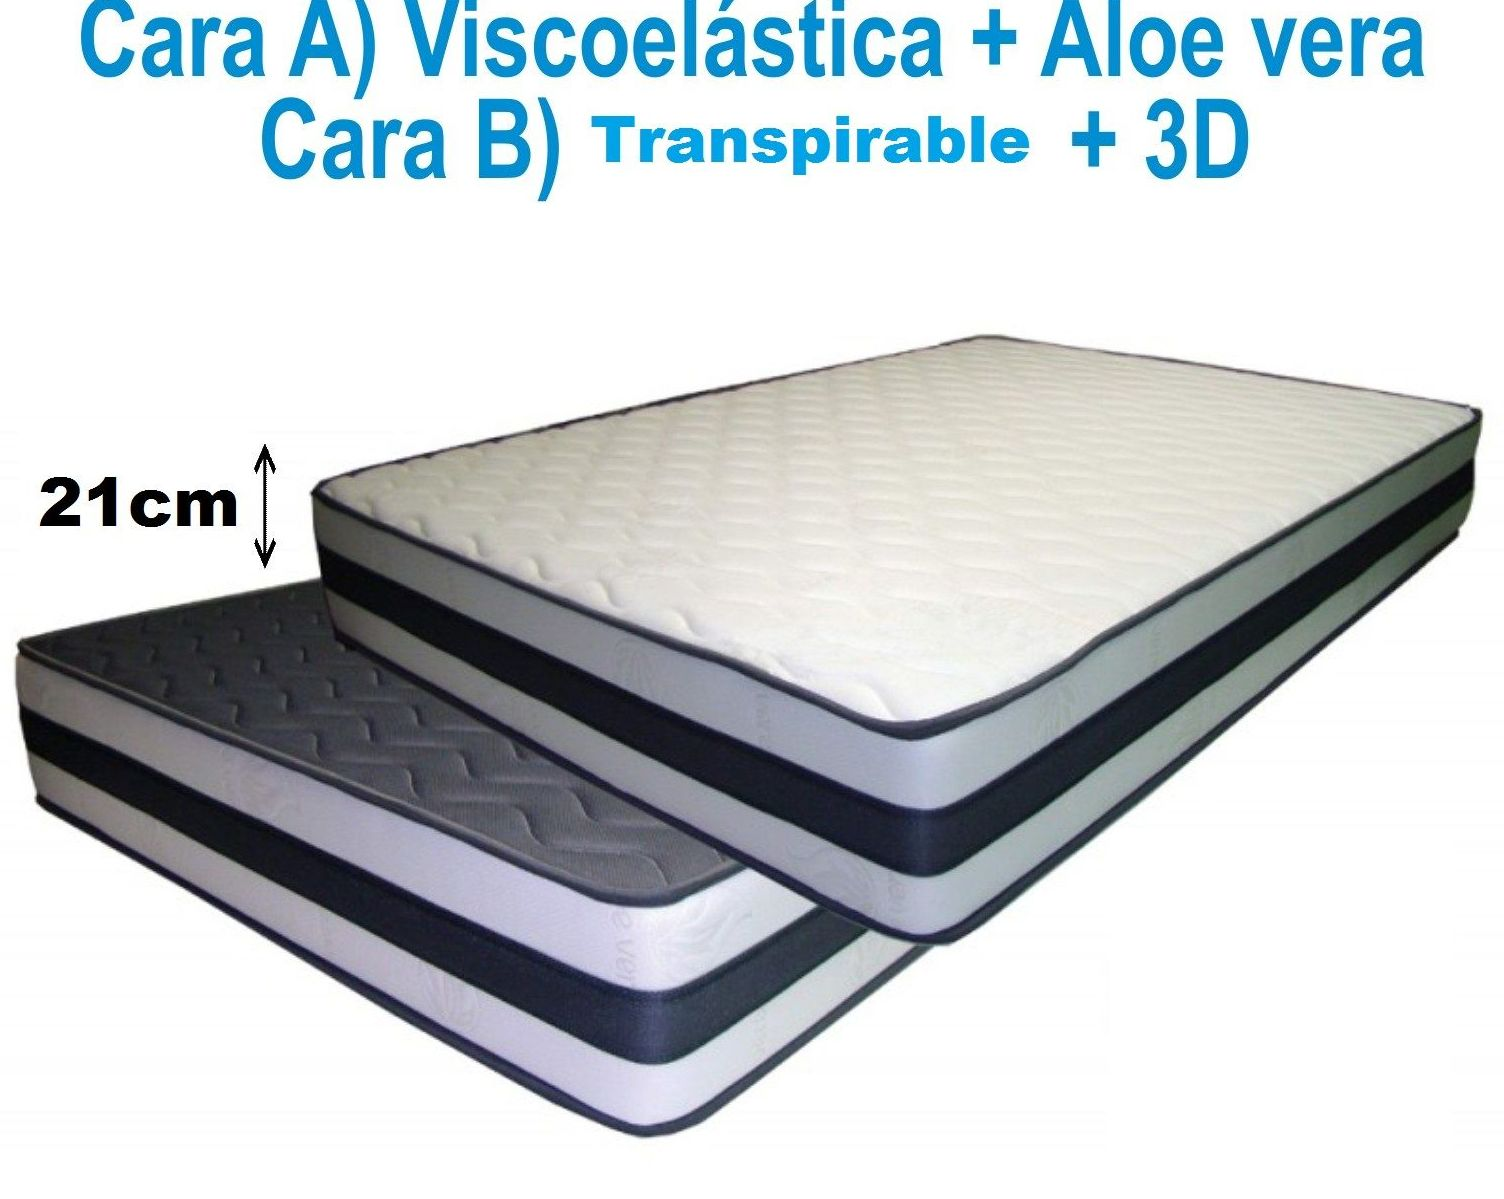 Colchón VISCOELÁSTICO+3D+TRANSPIRABLE 21cm ---DESDE 115€(75X190) : Productos y Ofertas de Don Electrodomésticos Tienda online